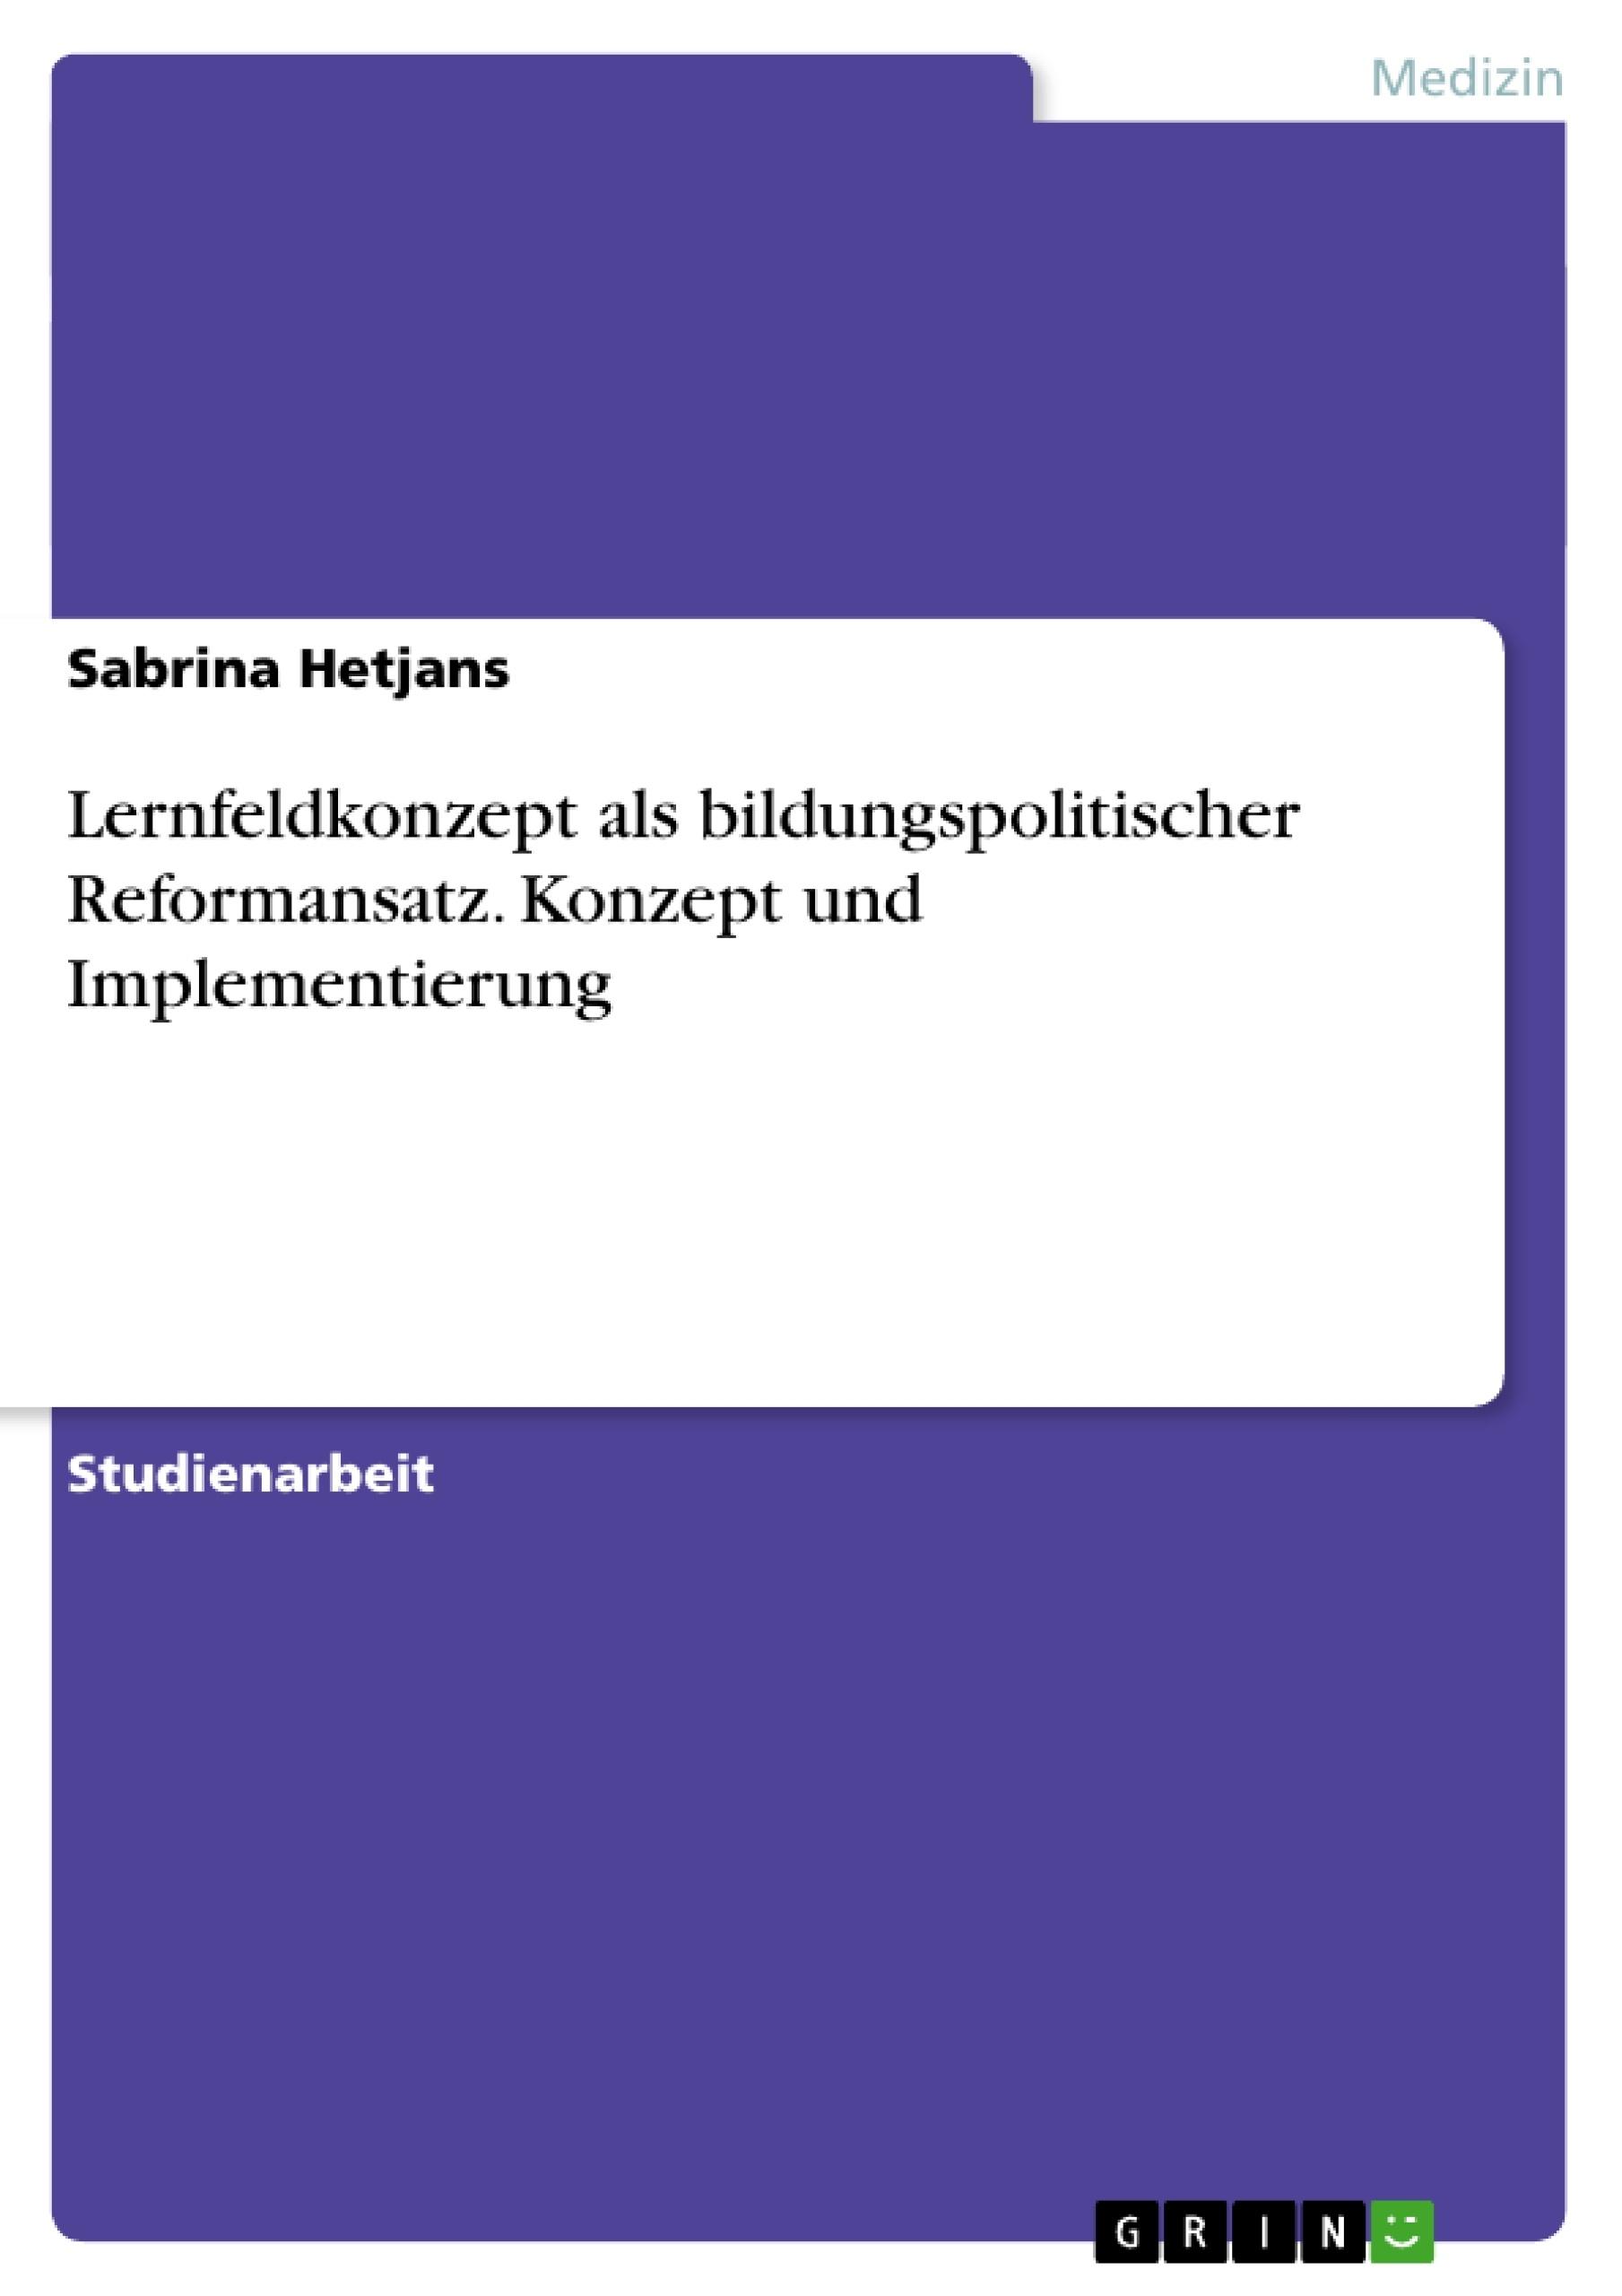 Titel: Lernfeldkonzept als bildungspolitischer Reformansatz. Konzept und Implementierung